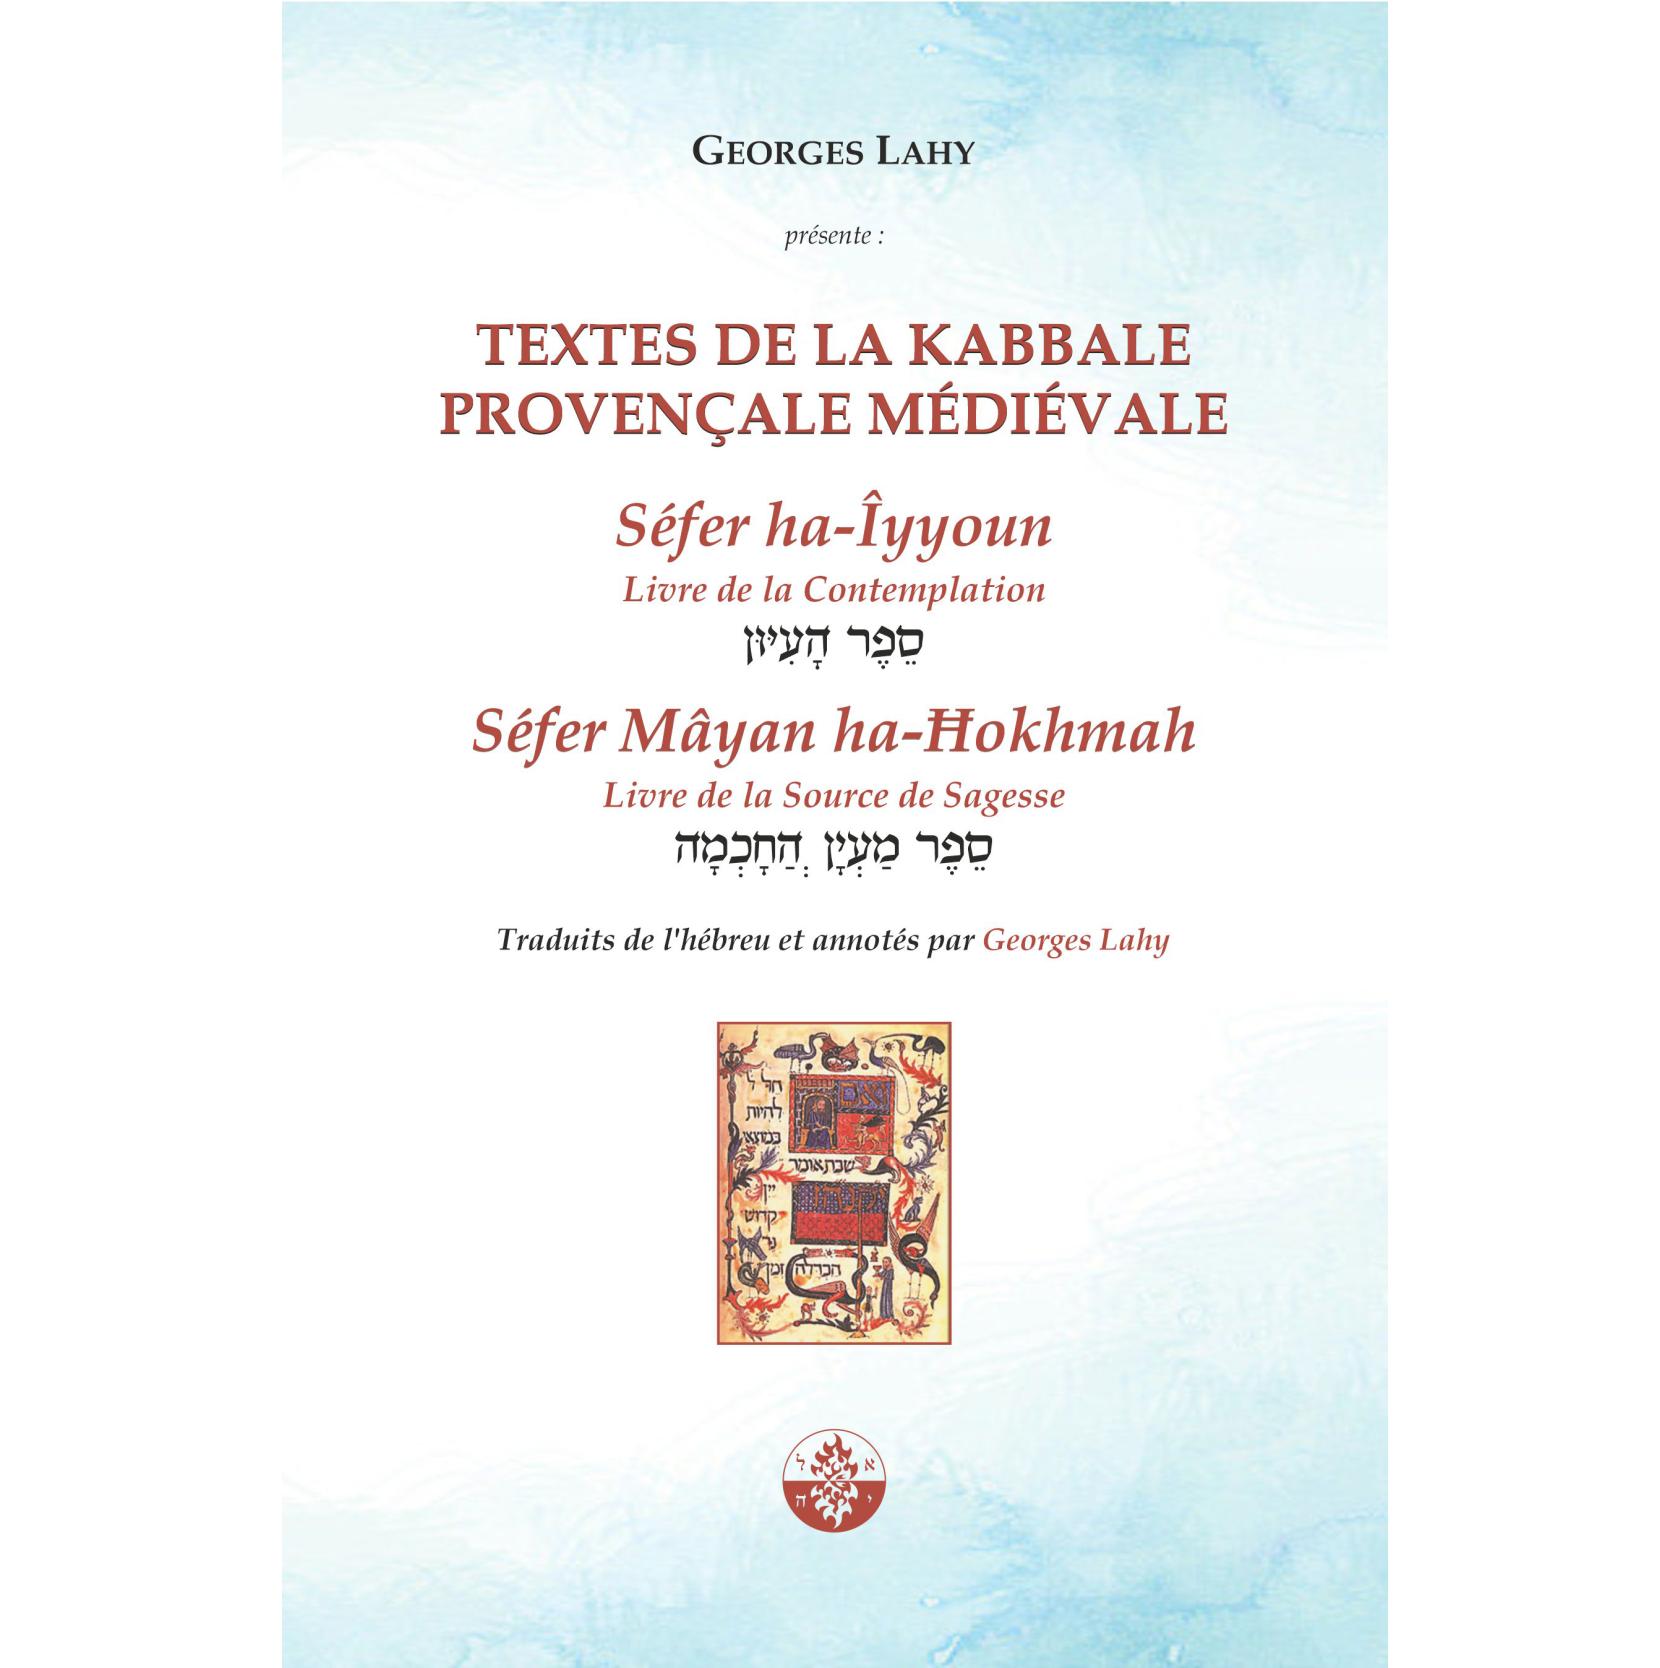 Textes medievaux